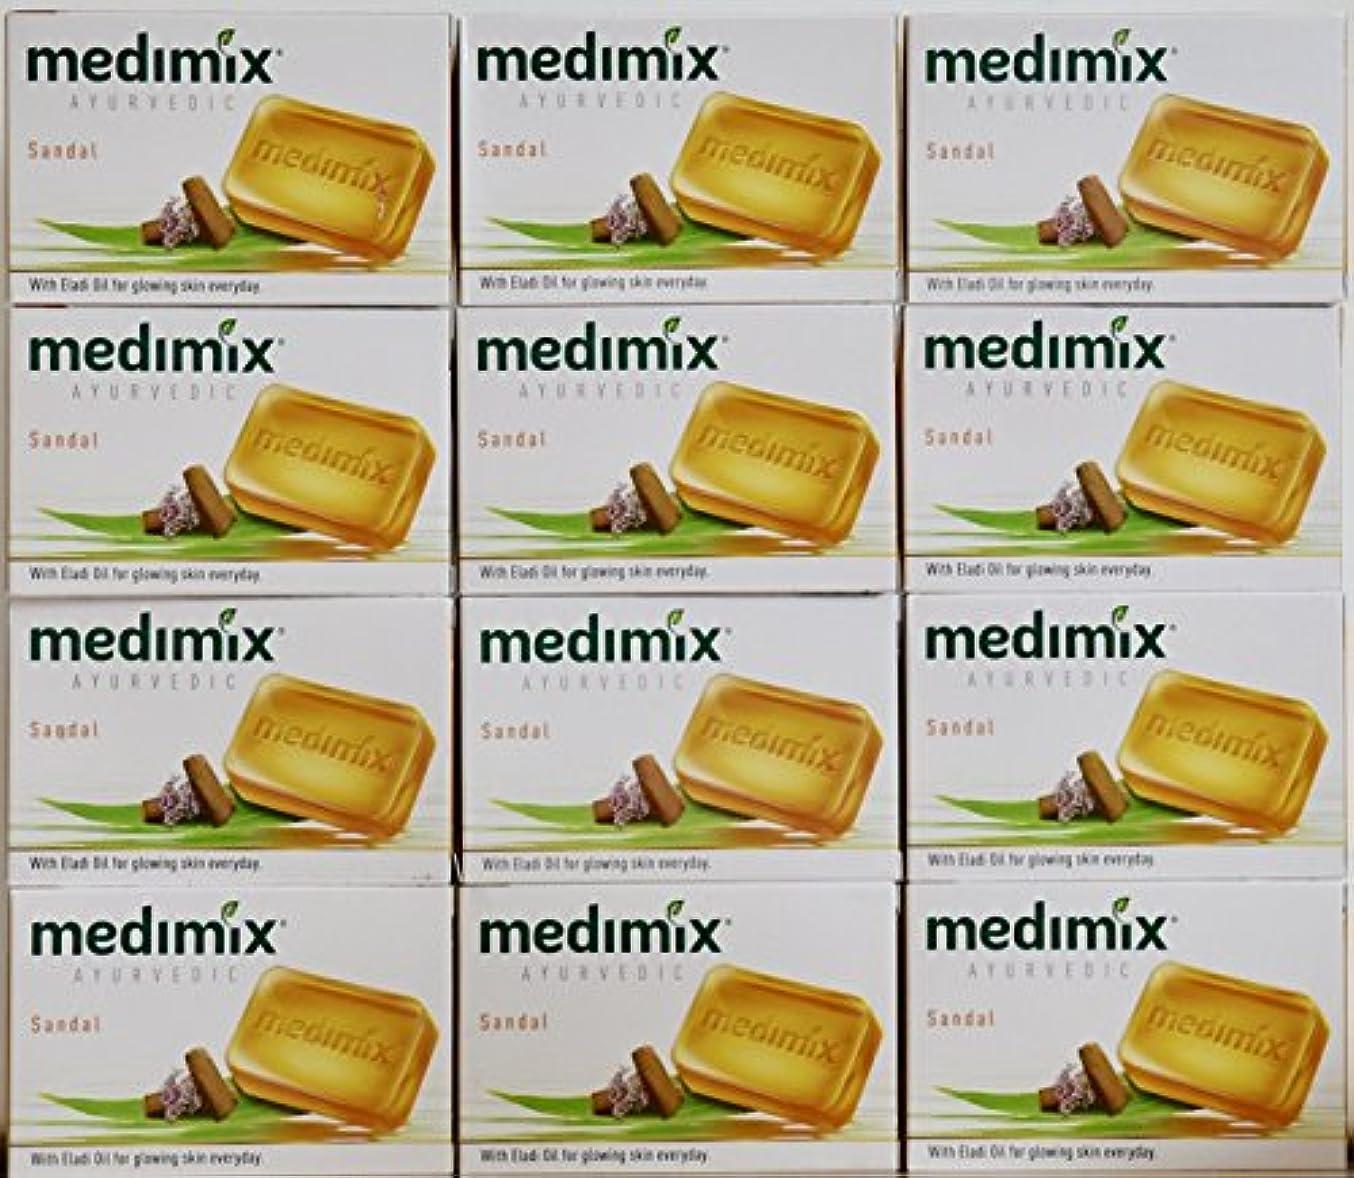 より良い推進パスmedimix メディミックス アーユルヴェディックサンダル 石鹸(旧商品名クラシックオレンジ))125g 12個入り